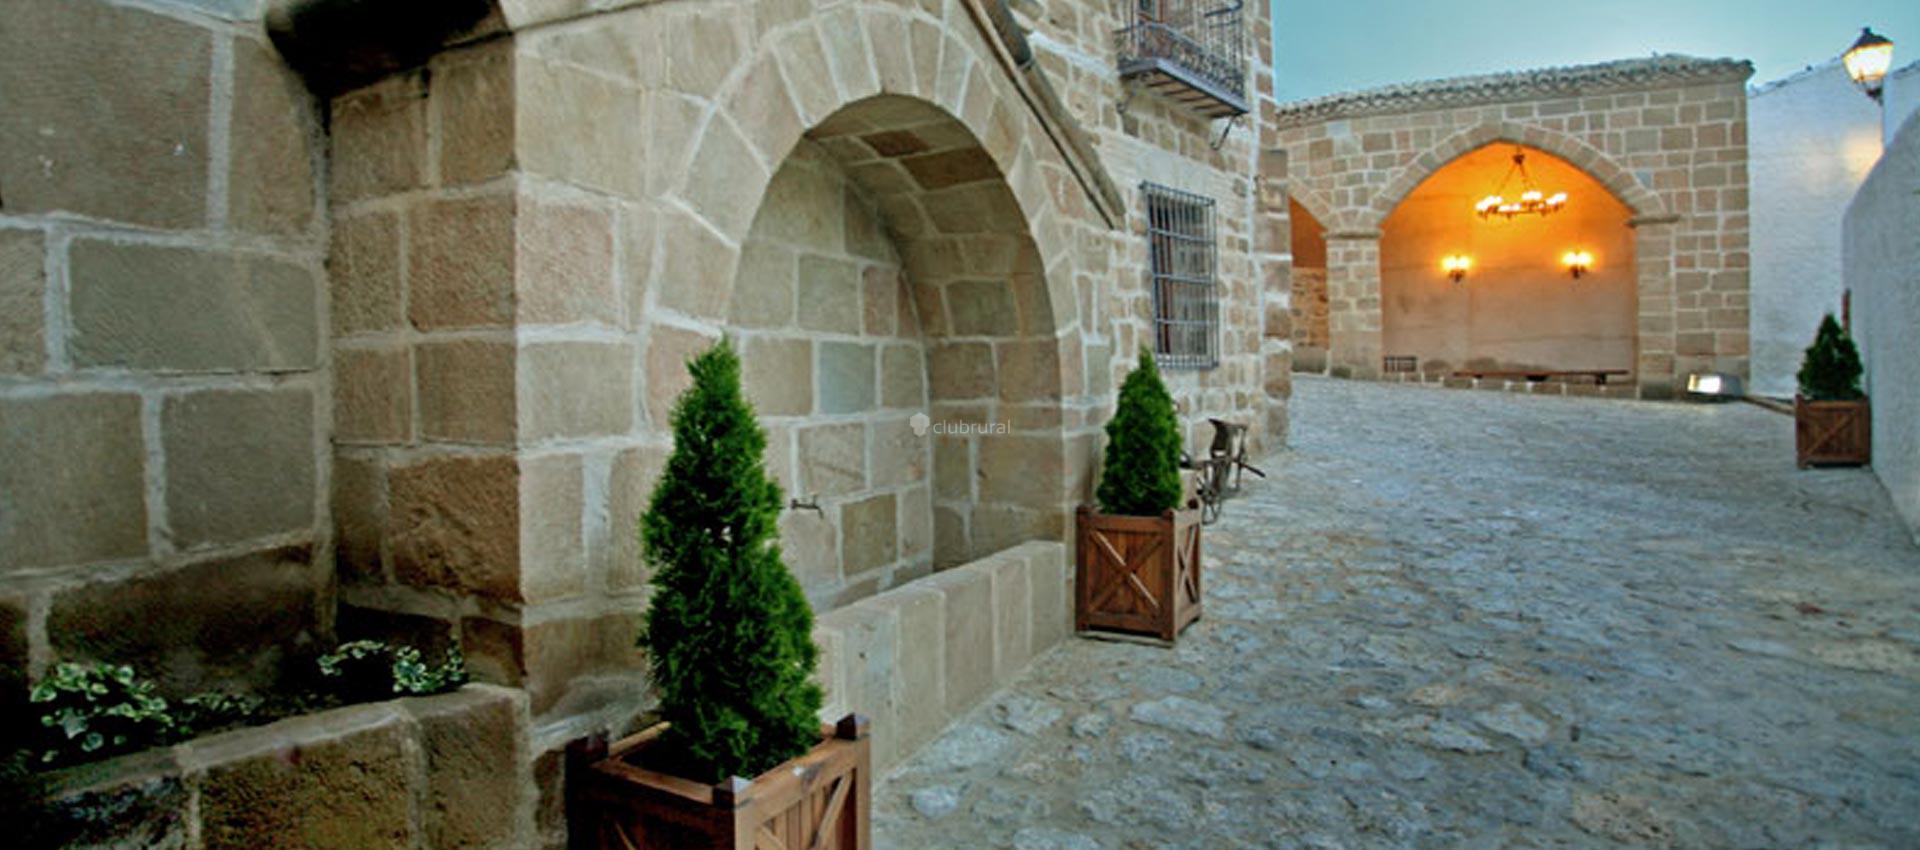 Fotos de casa cavez y casita jard n huesca sangarren for Casa rural jardin del desierto tabernas